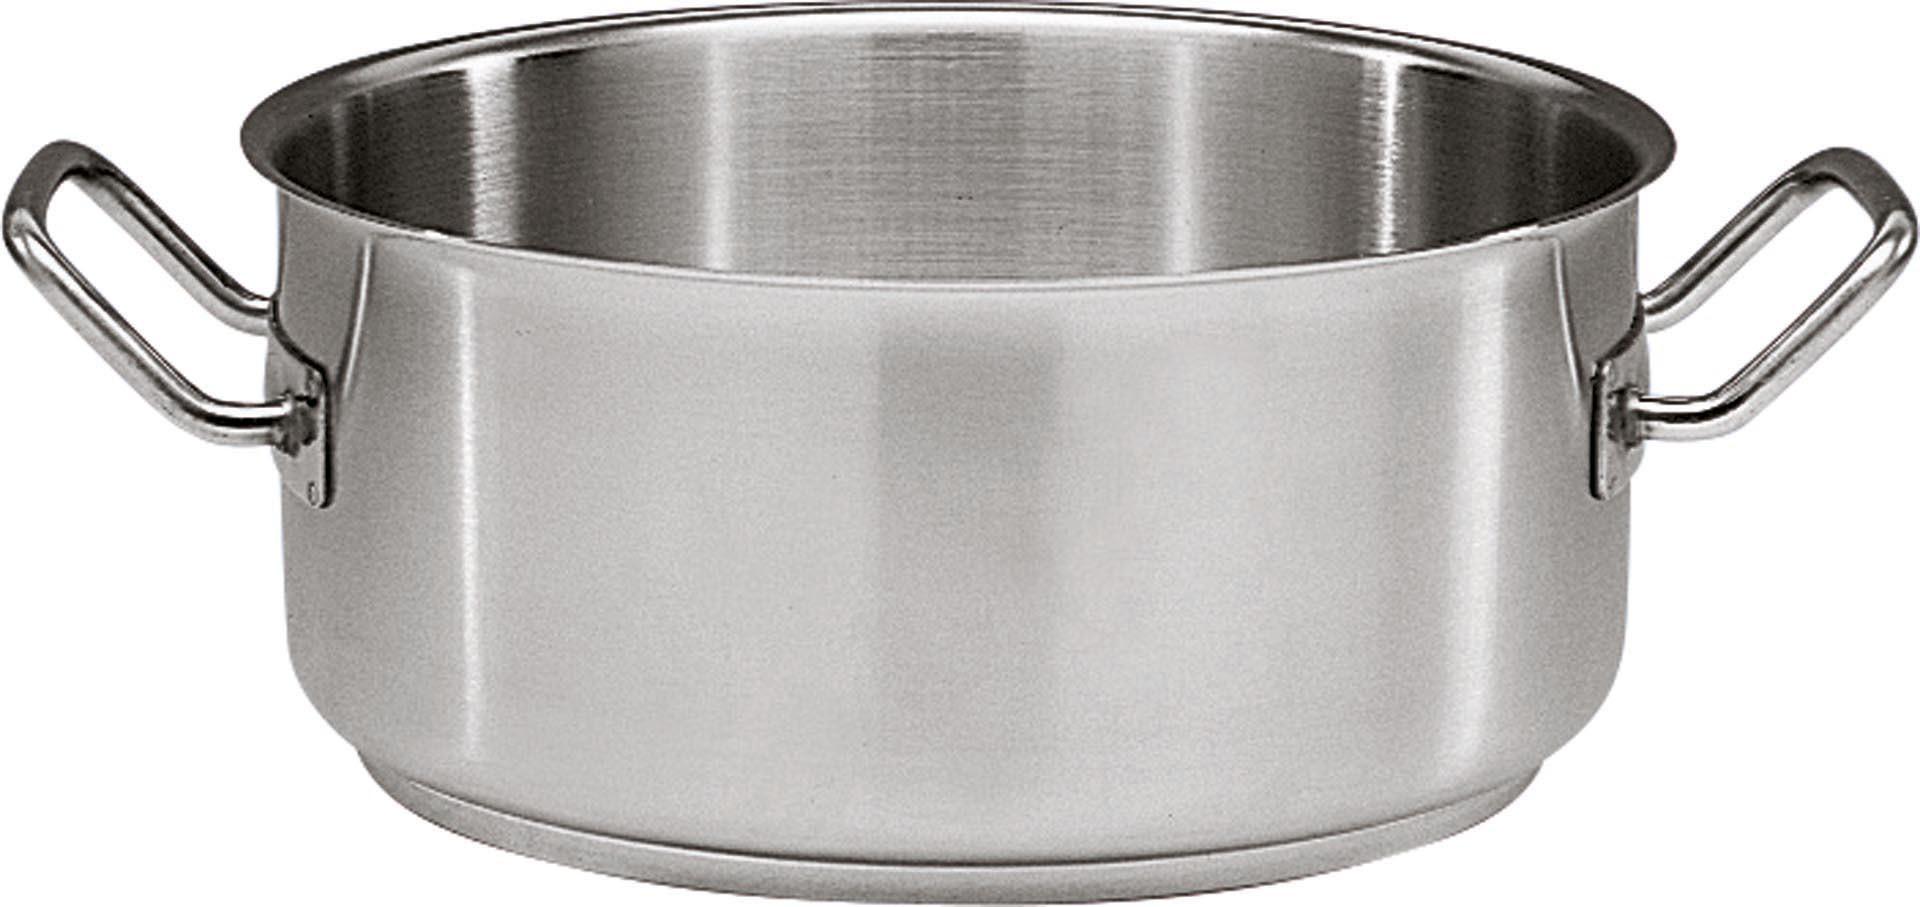 """Bratentopf flach """"Cookmax Economy"""" 20 cm"""